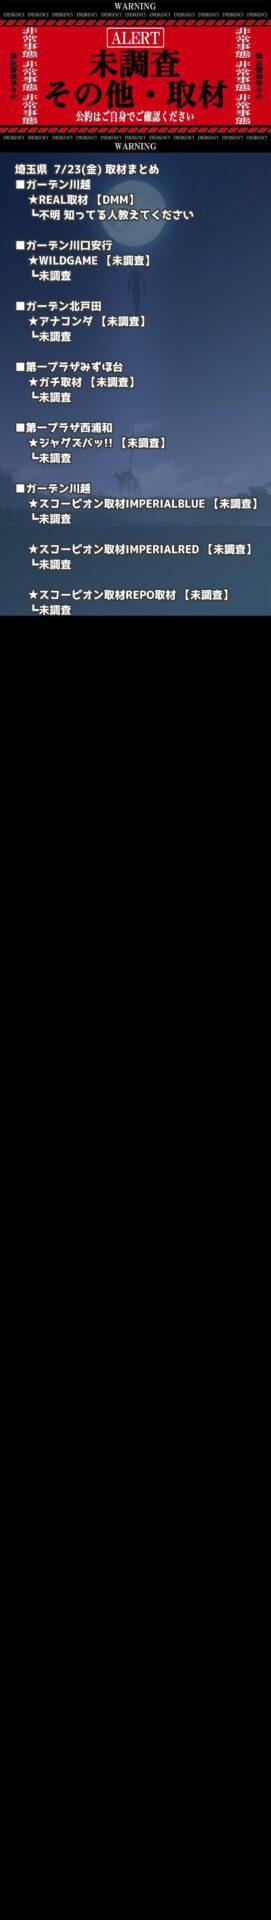 埼玉県_2021-07-23_未調査_パチンコ・パチスロ